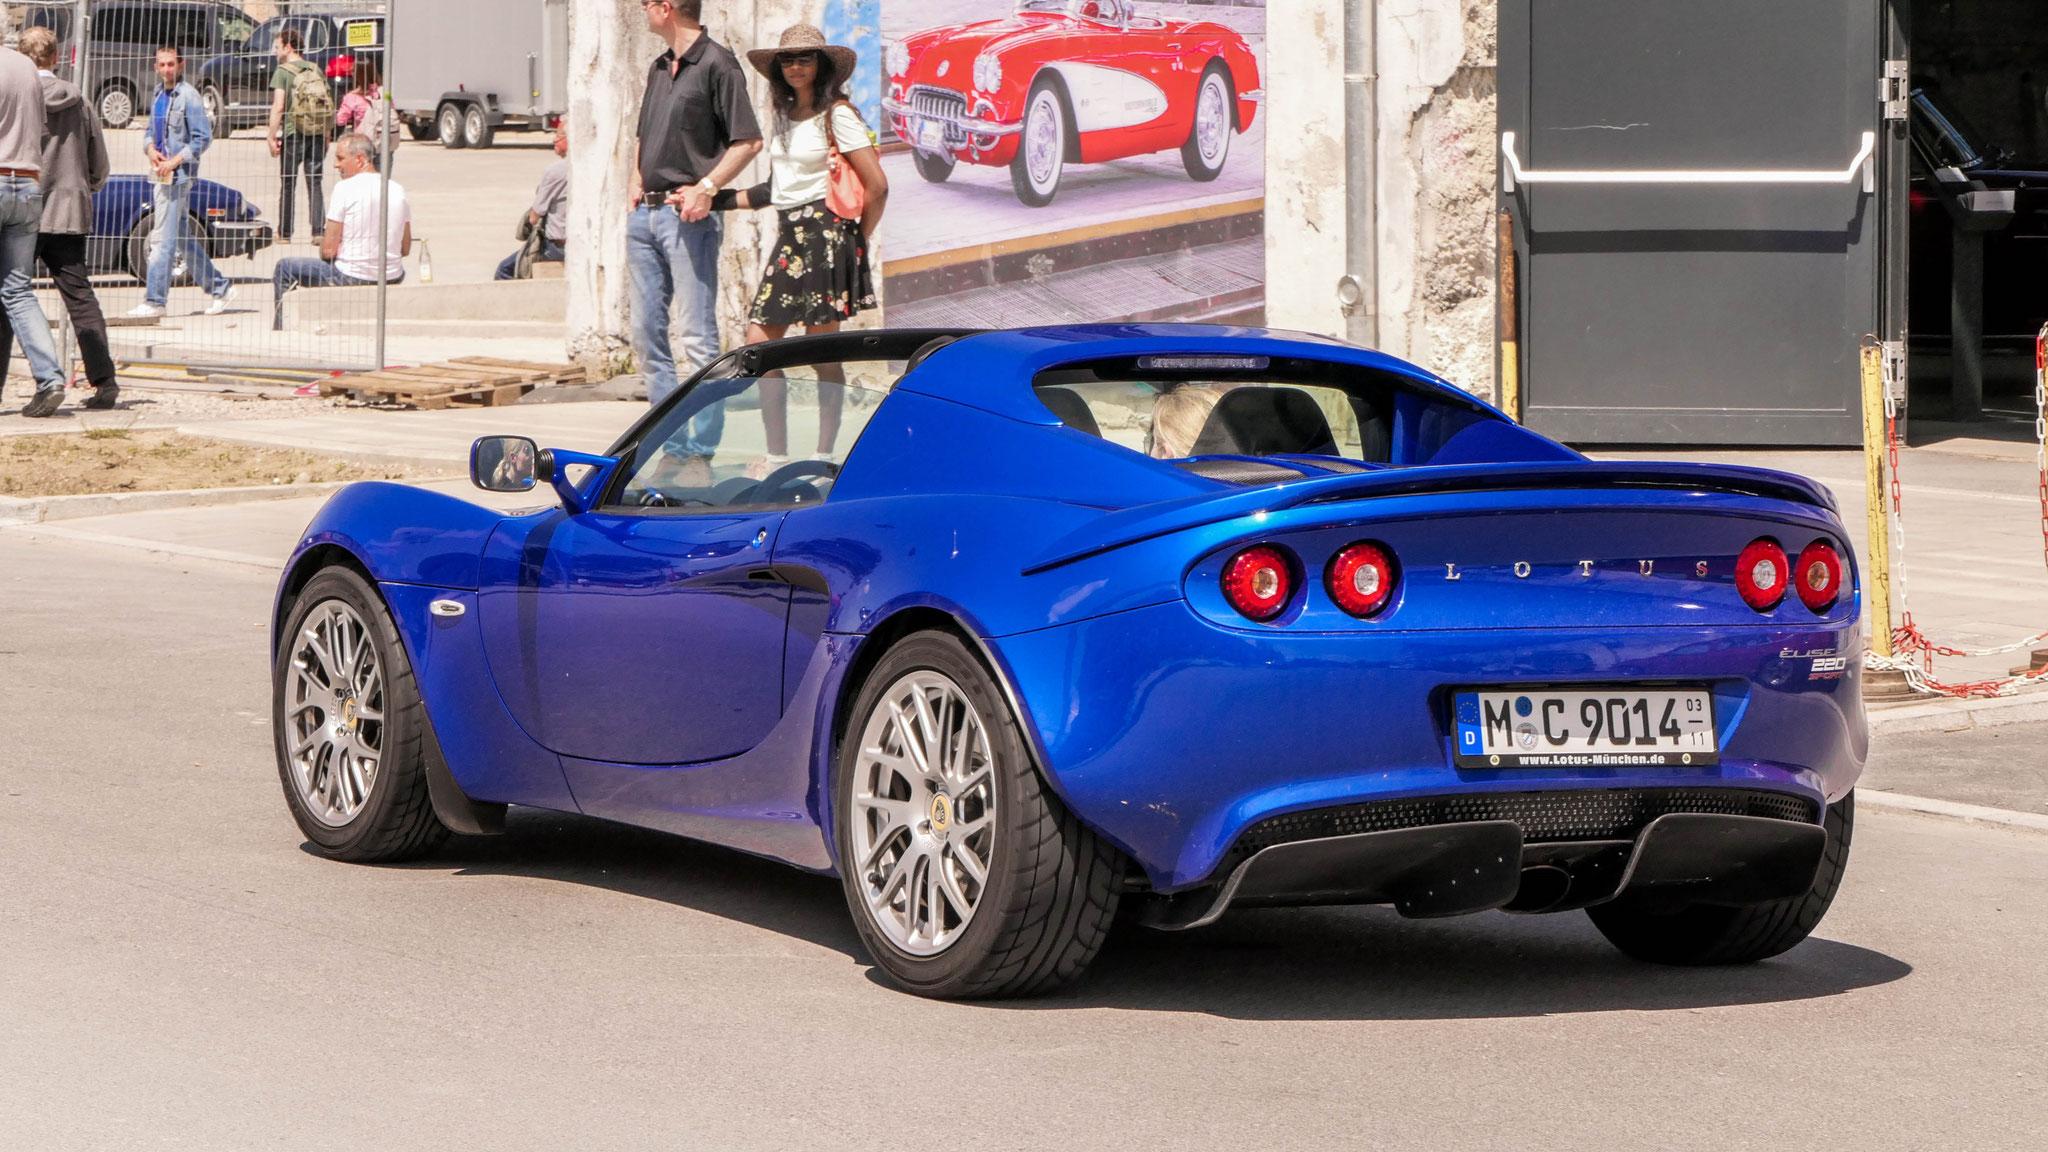 Lotus Elise S2 - M-C-9014